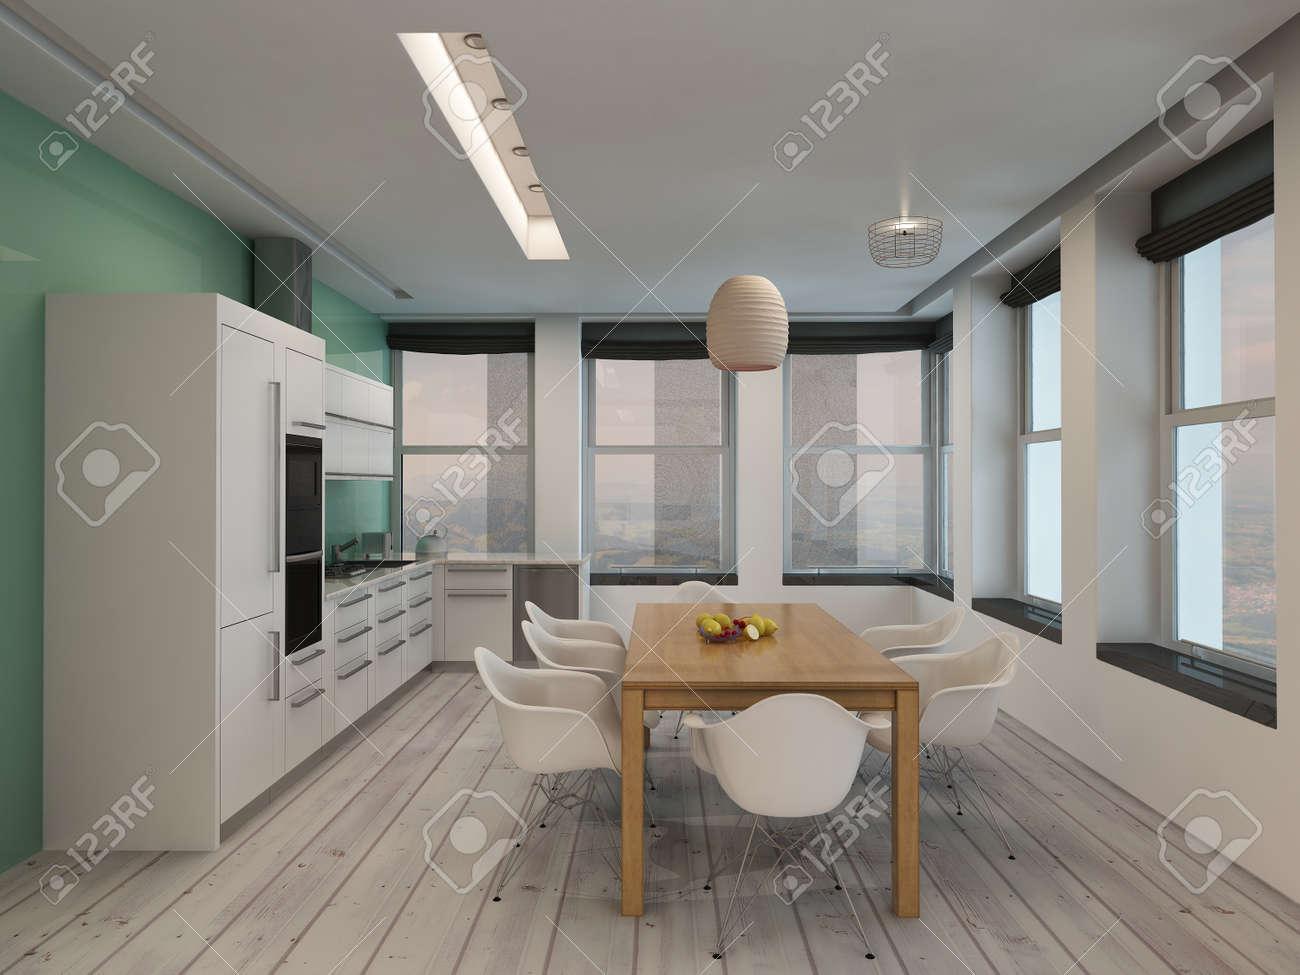 Berühmt Offene Moderne Küche Und Esszimmer Innenraum Mit Geräte Entlang MO74